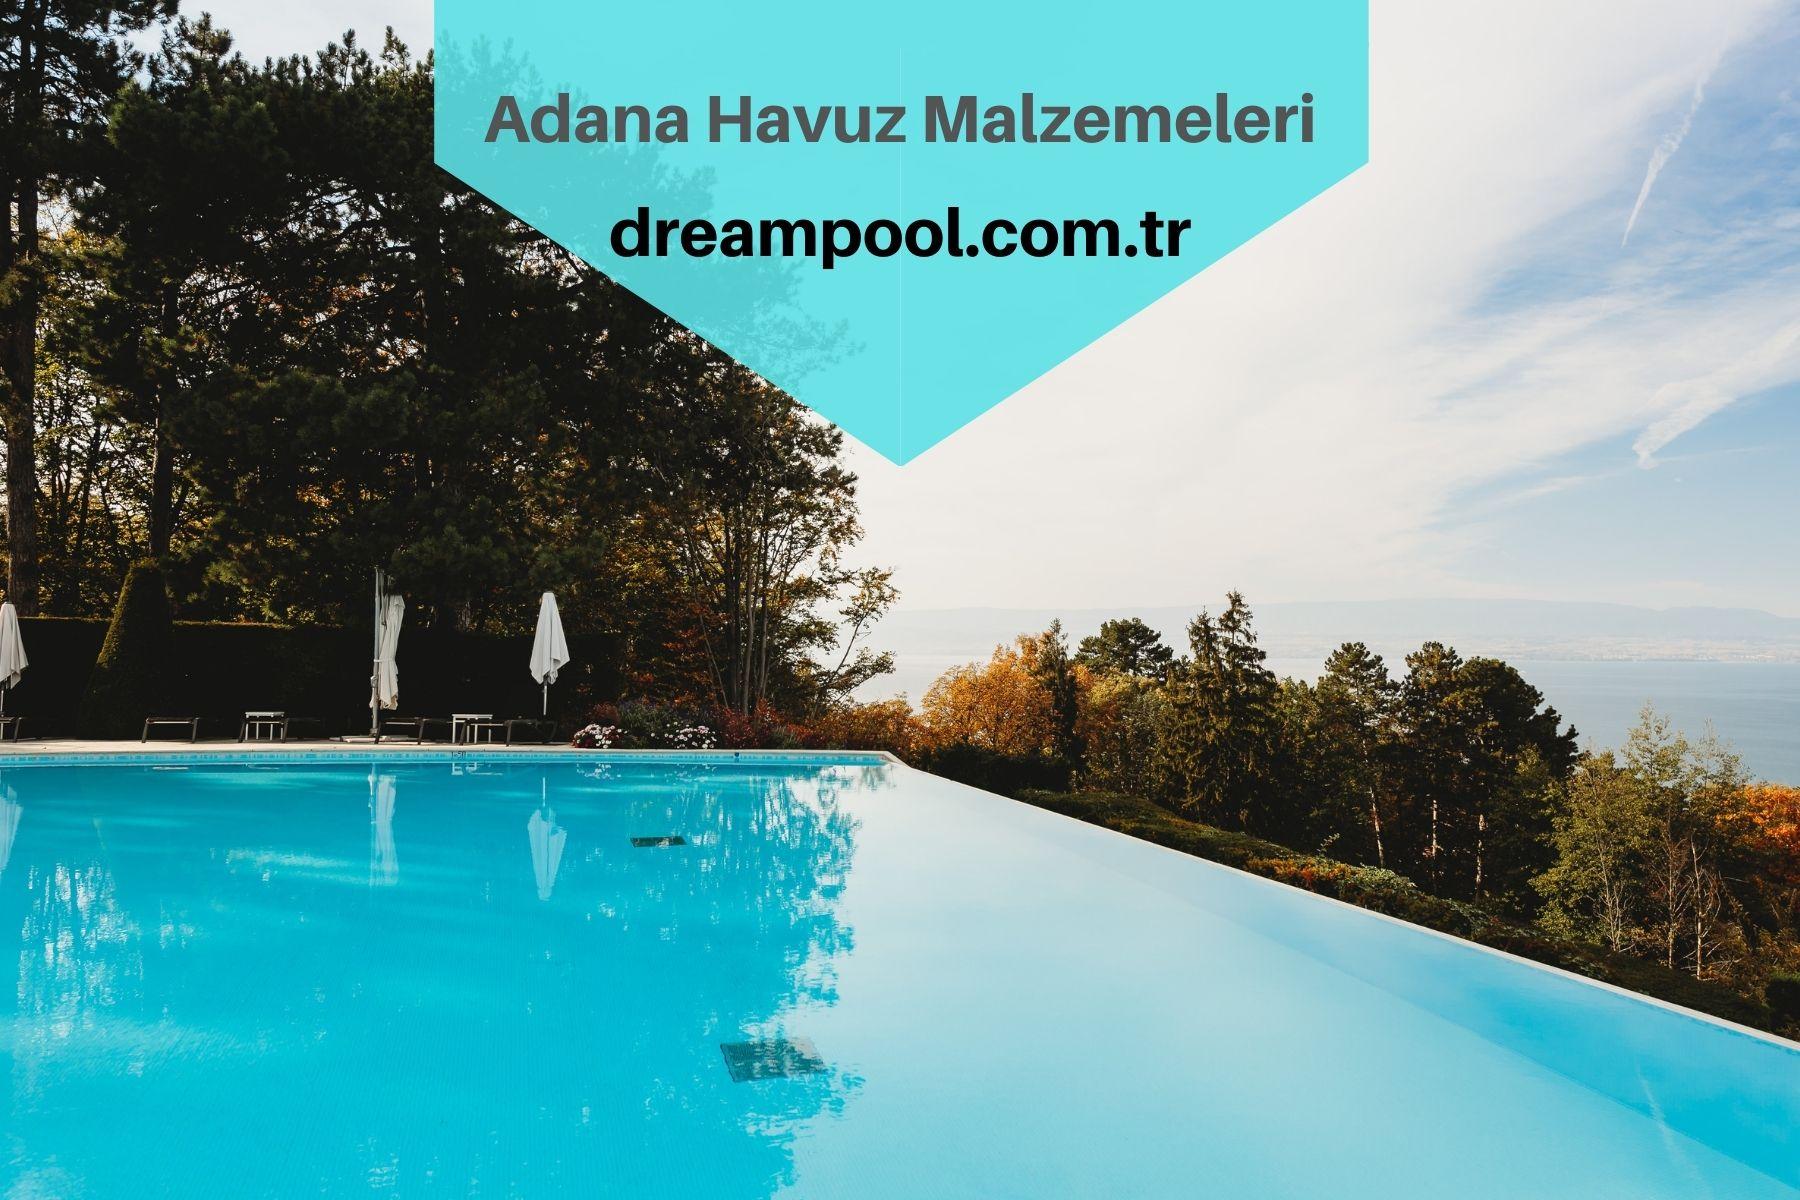 adana-havuz-malzemeleri